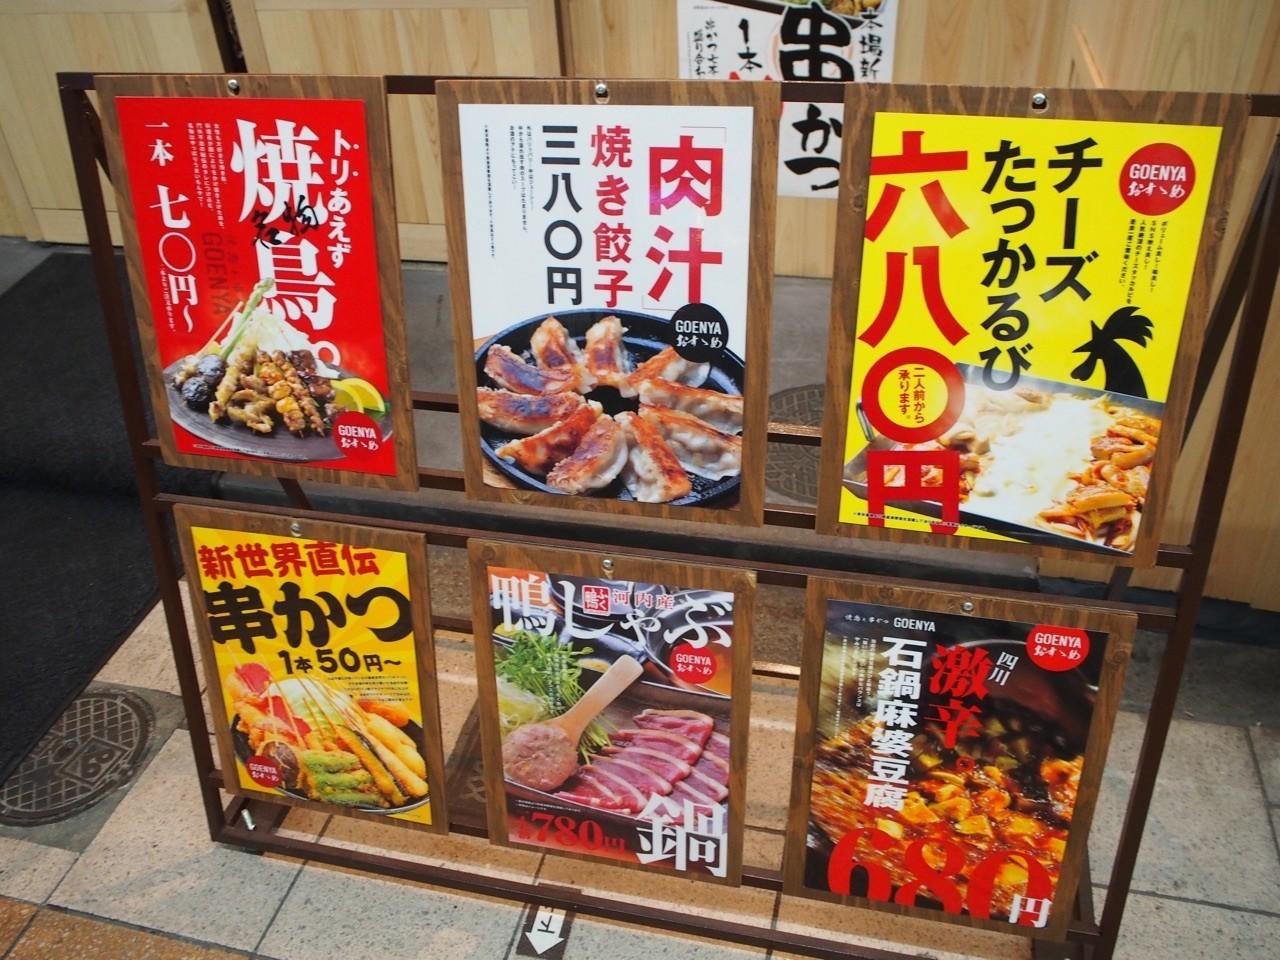 串炸50日圓起~!烤雞肉串70日圓~!鴨肉鍋只要780日圓!價格便宜到引人注目的店!天王寺『GOENYA 天王寺店』